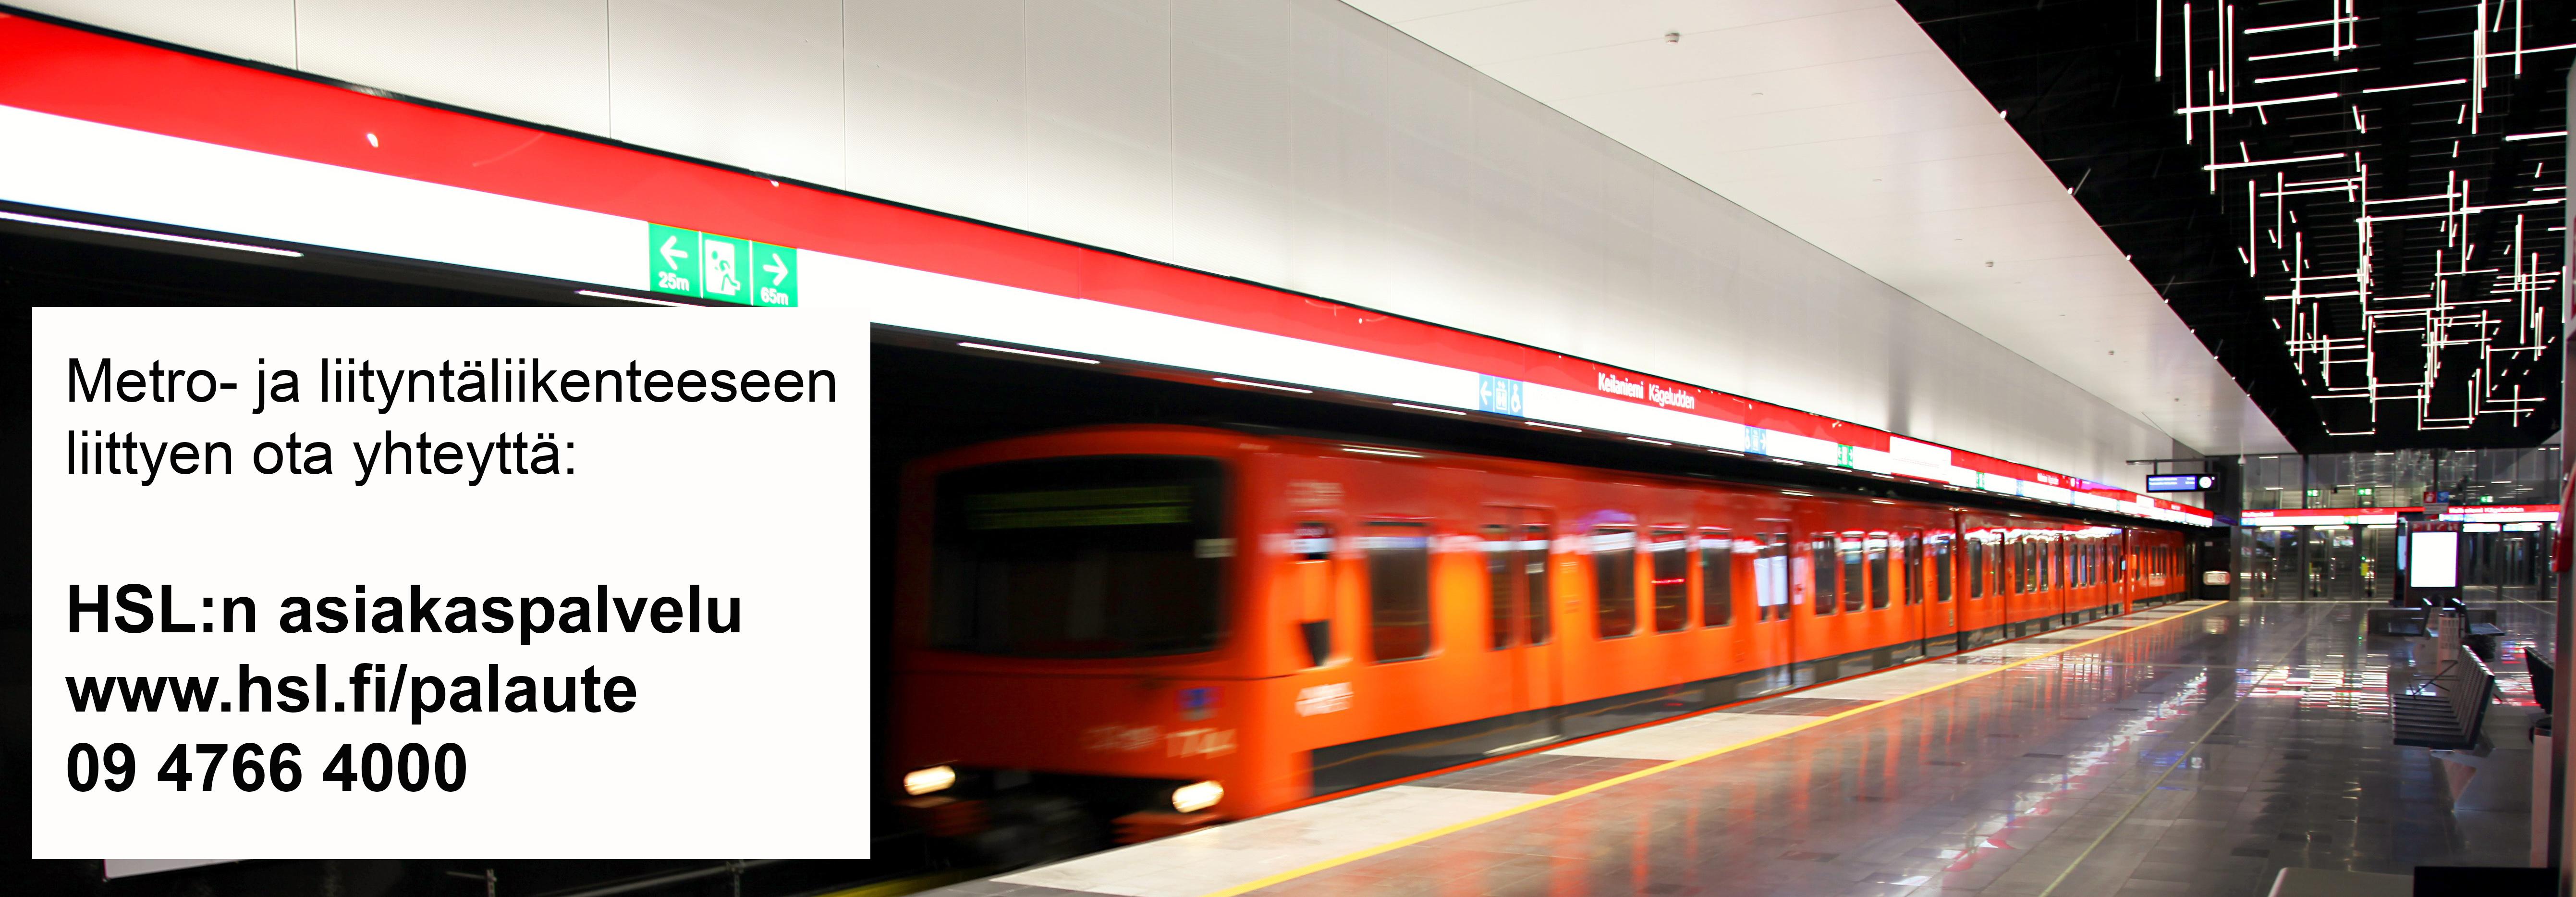 Metro- ja liityntäliikenteeseen liittyen ota yhteyttä HSL:n asiakaspalveluun joko verkossa hsl.fi/palaute tai puhelimitse 094766400.